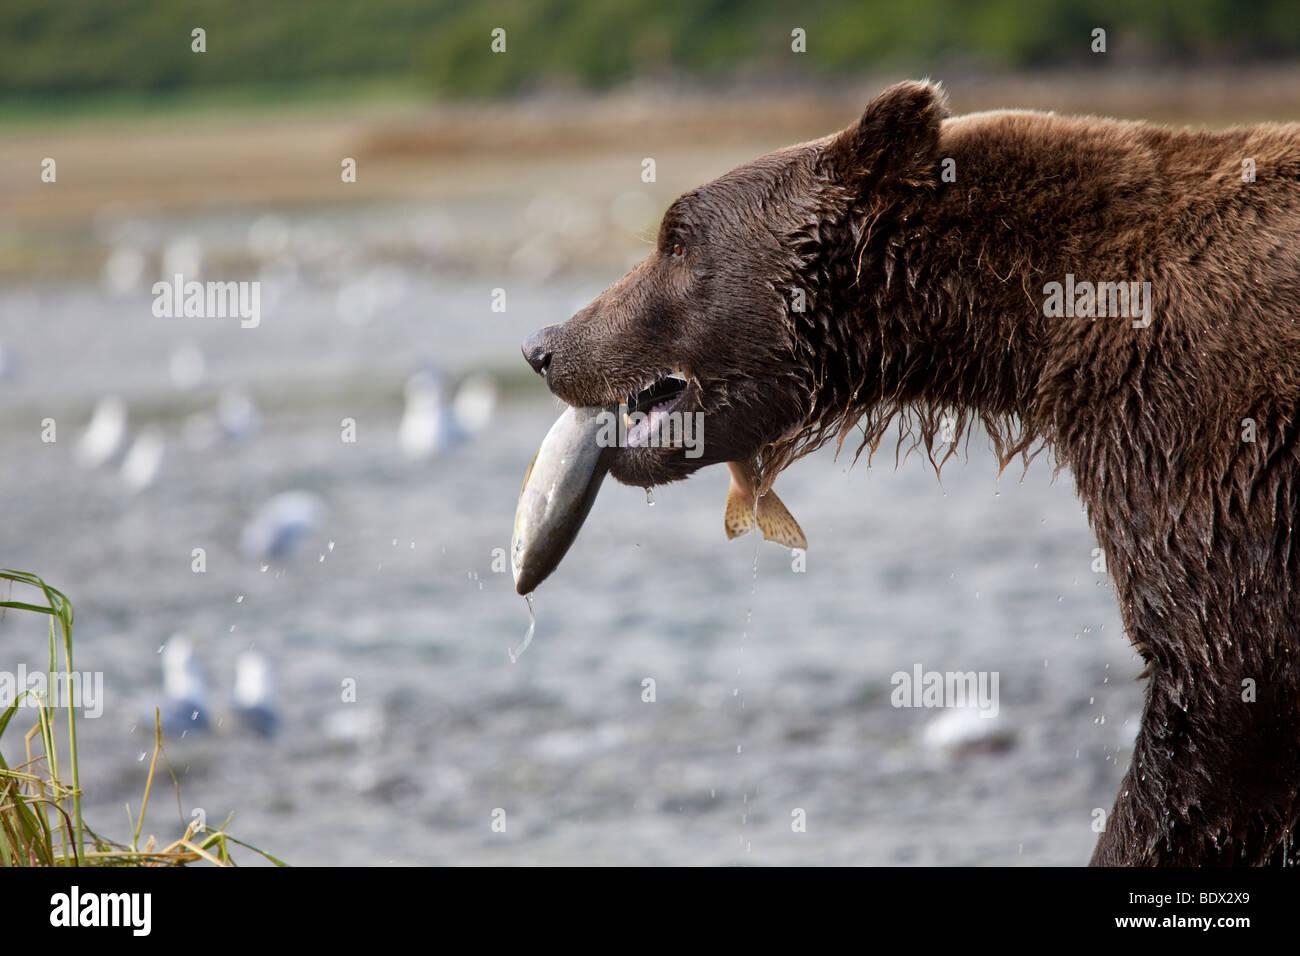 Orso grizzly la cattura del salmone vittoria a piedi nella baia di geografica Katmai National Park in Alaska Immagini Stock